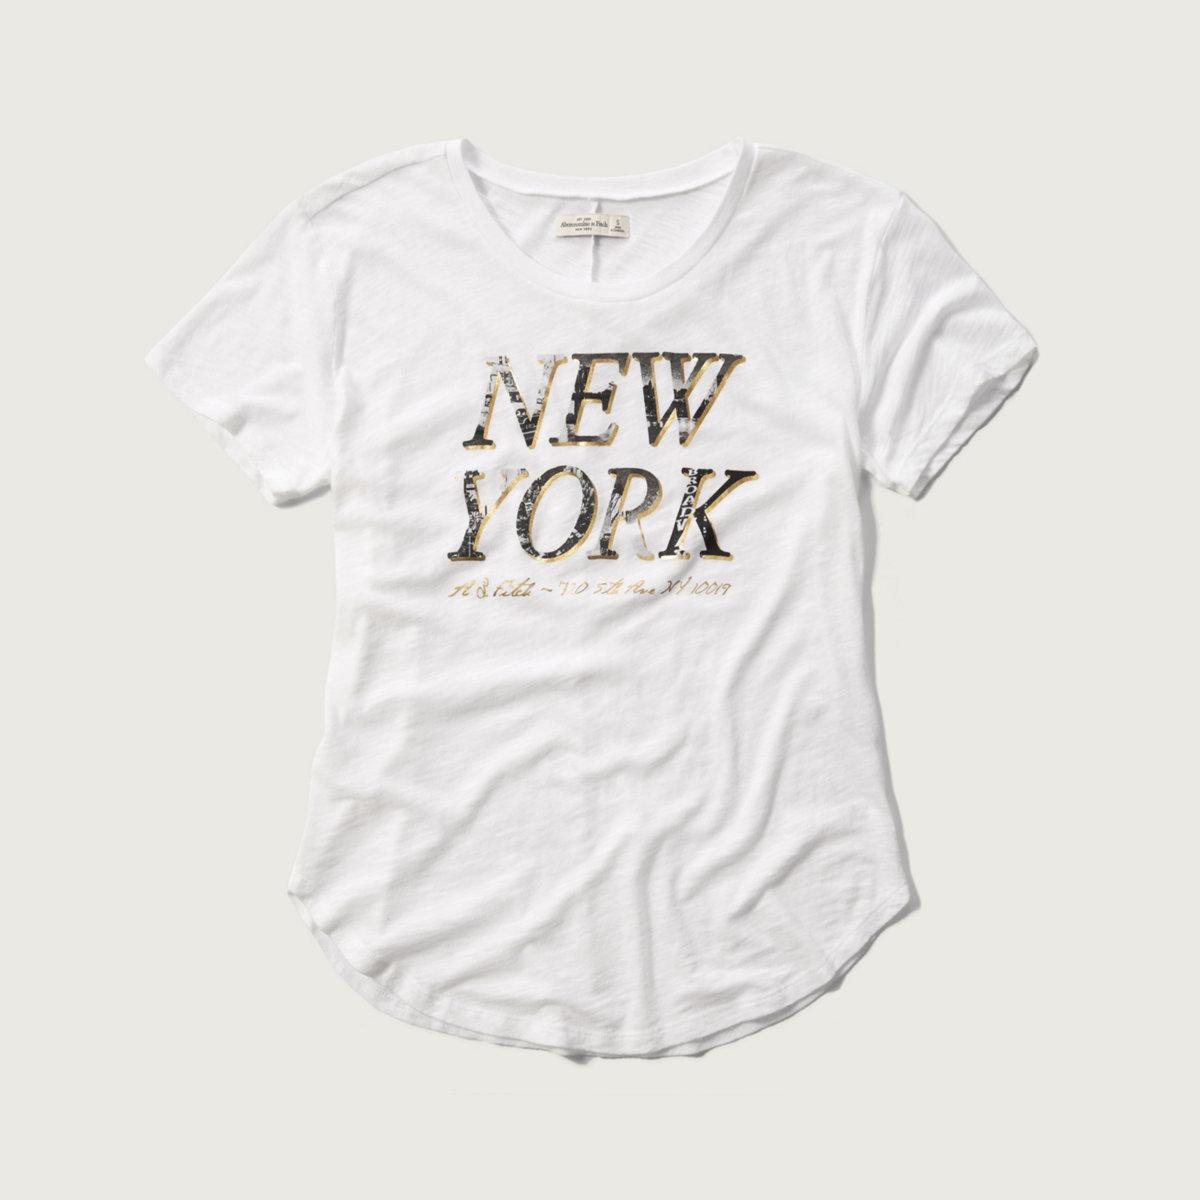 New York Shine Graphic Tee